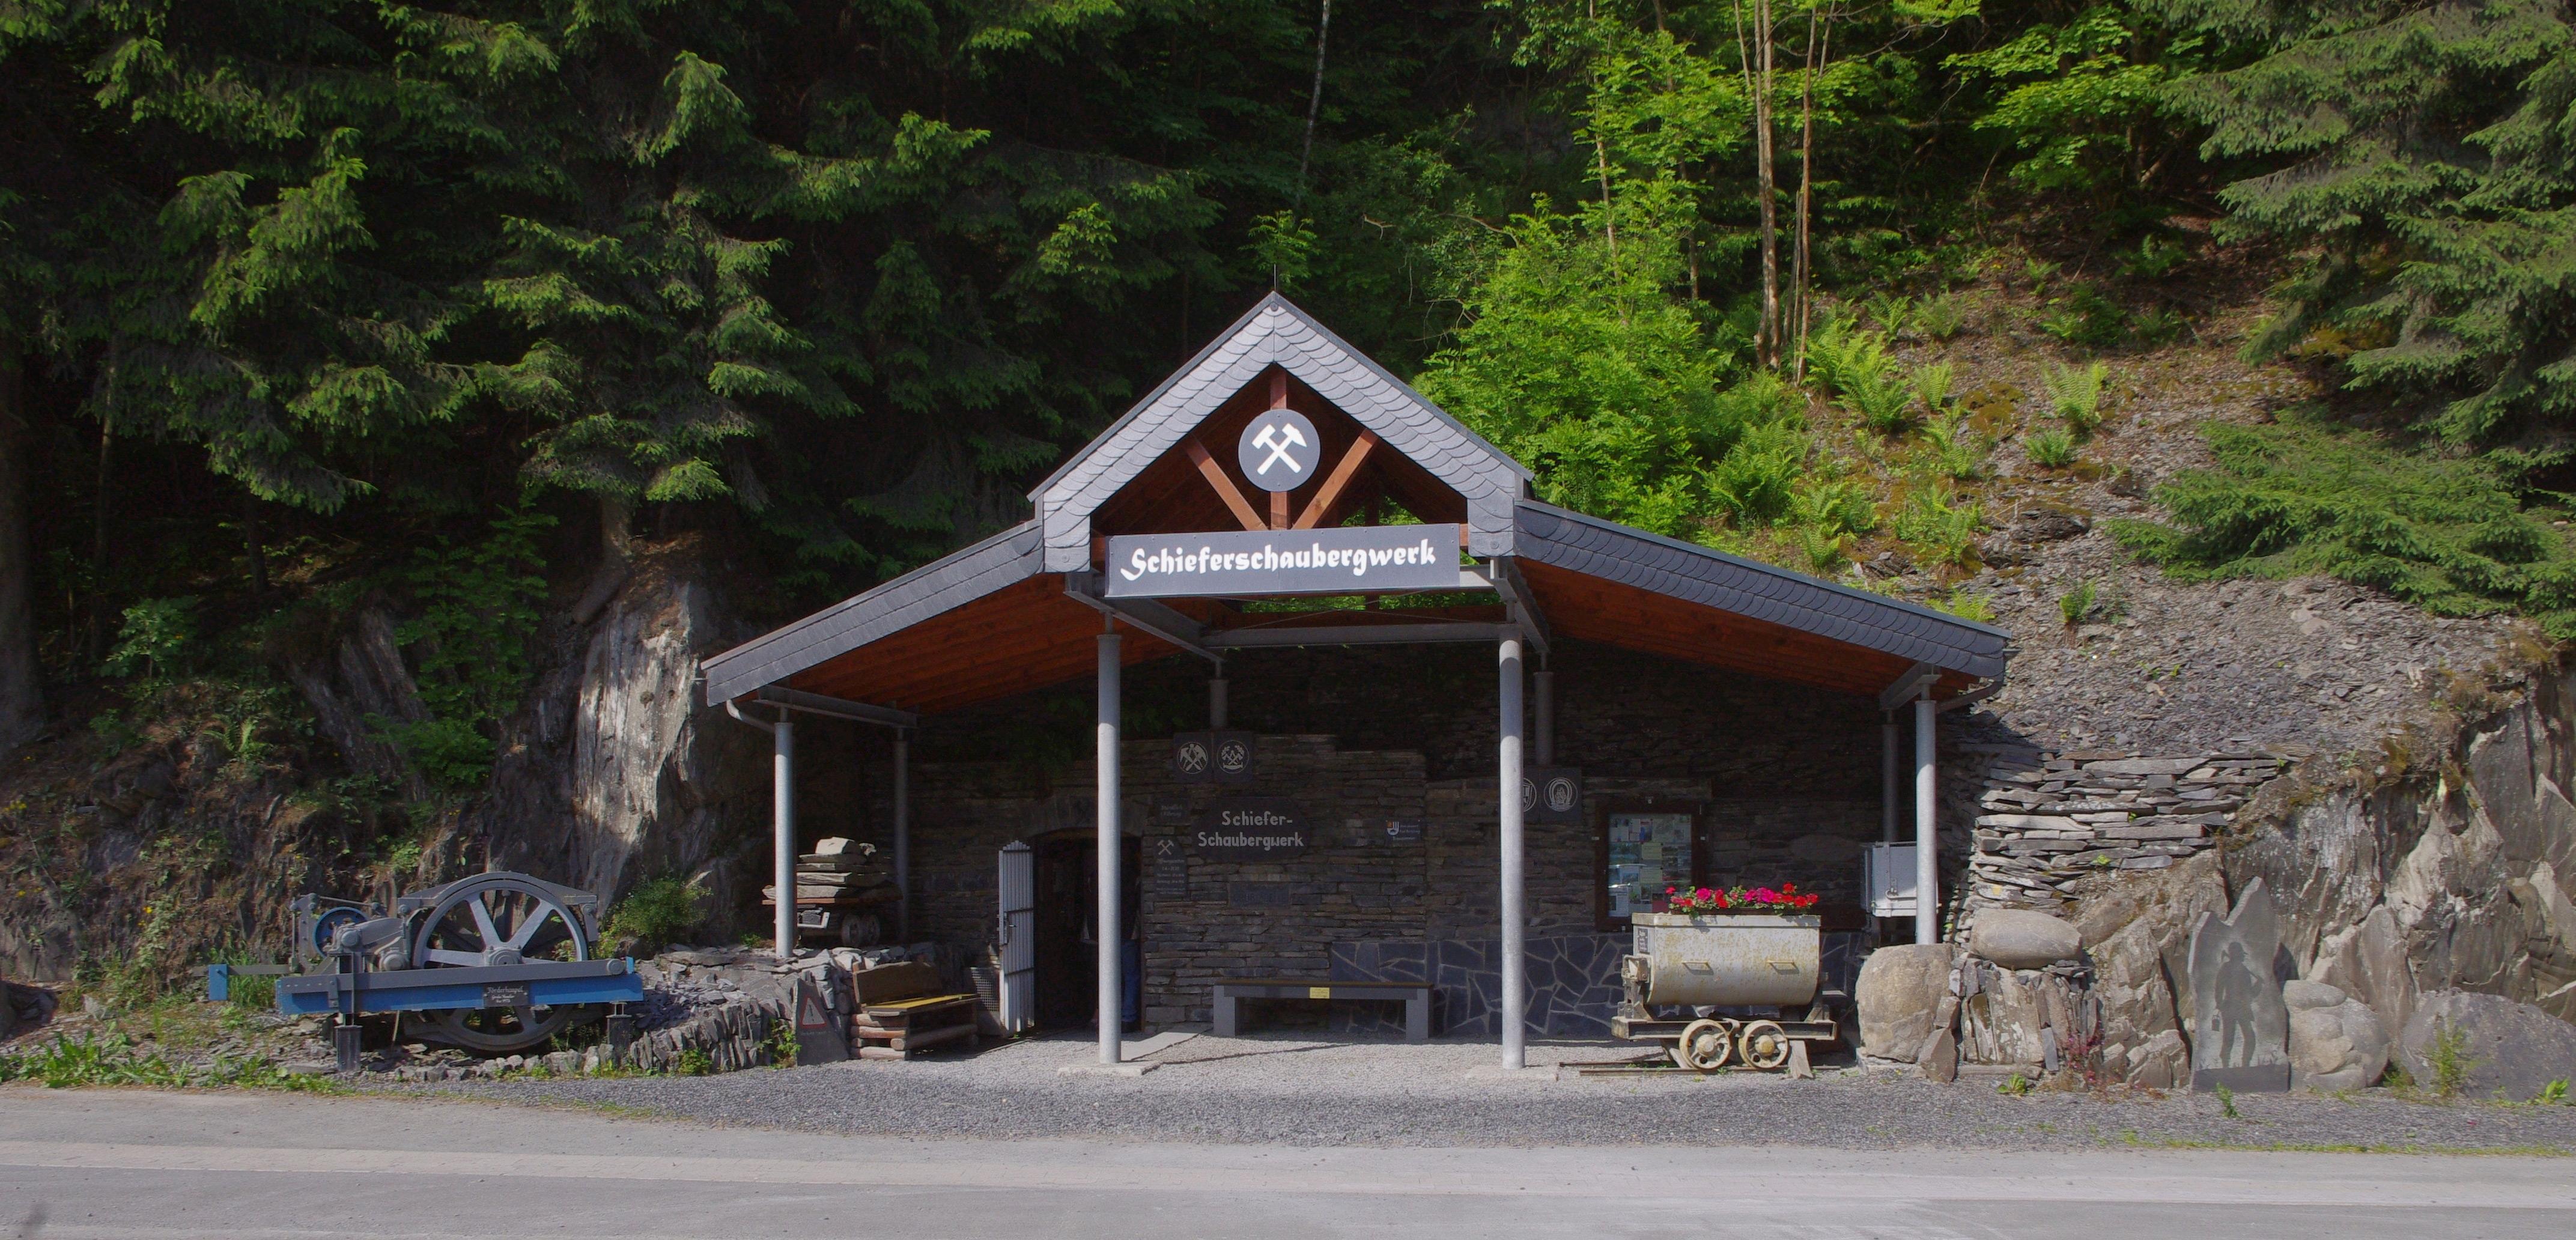 Schieferschaubergwerk Raumland - Eingang (Foto: Siegfried Plaschke)